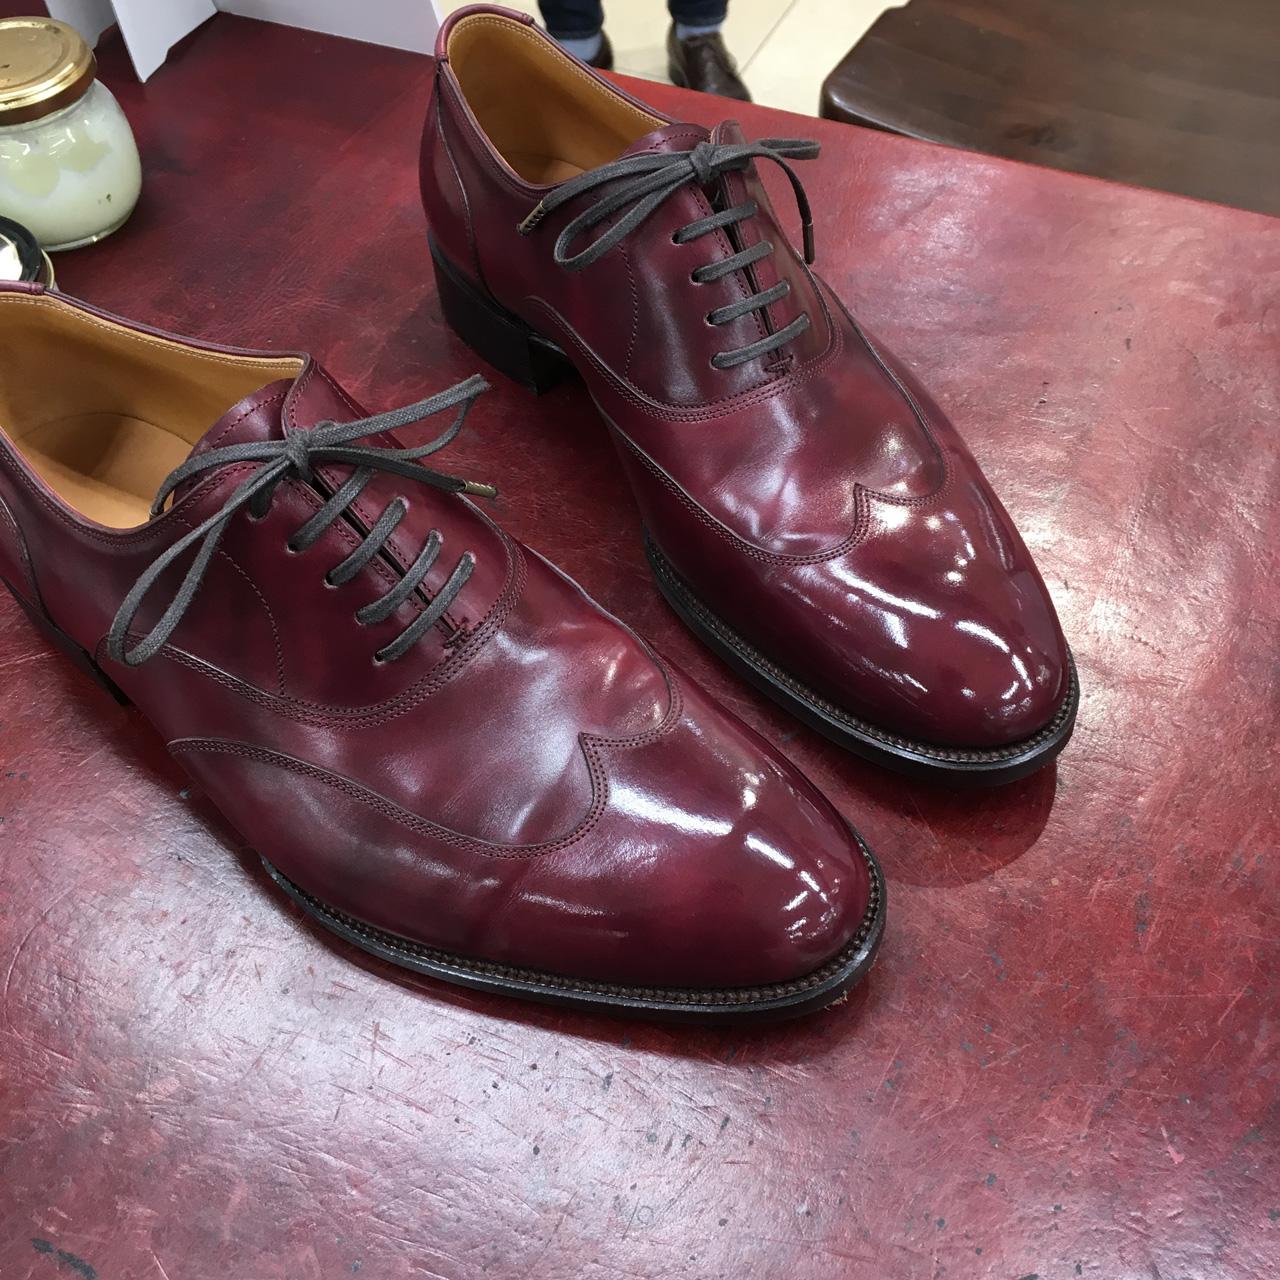 東急ハンズ名古屋店様にて靴磨きイベントでした